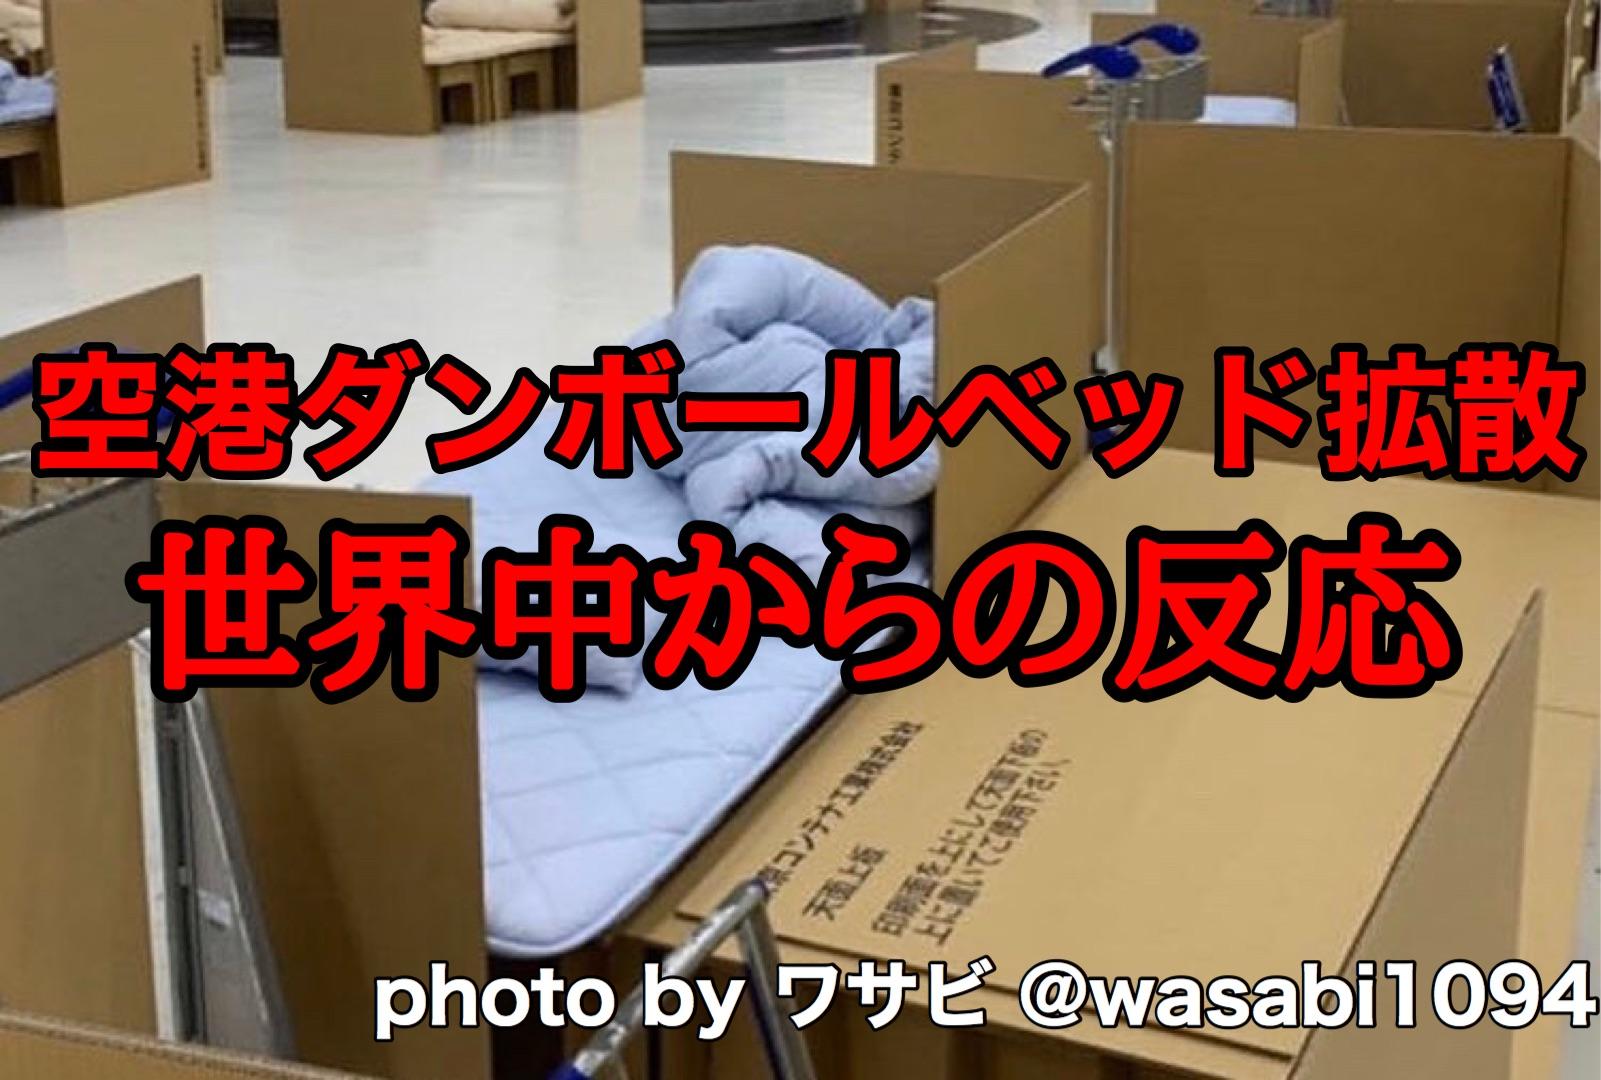 段ボール 成田 ベッド 空港